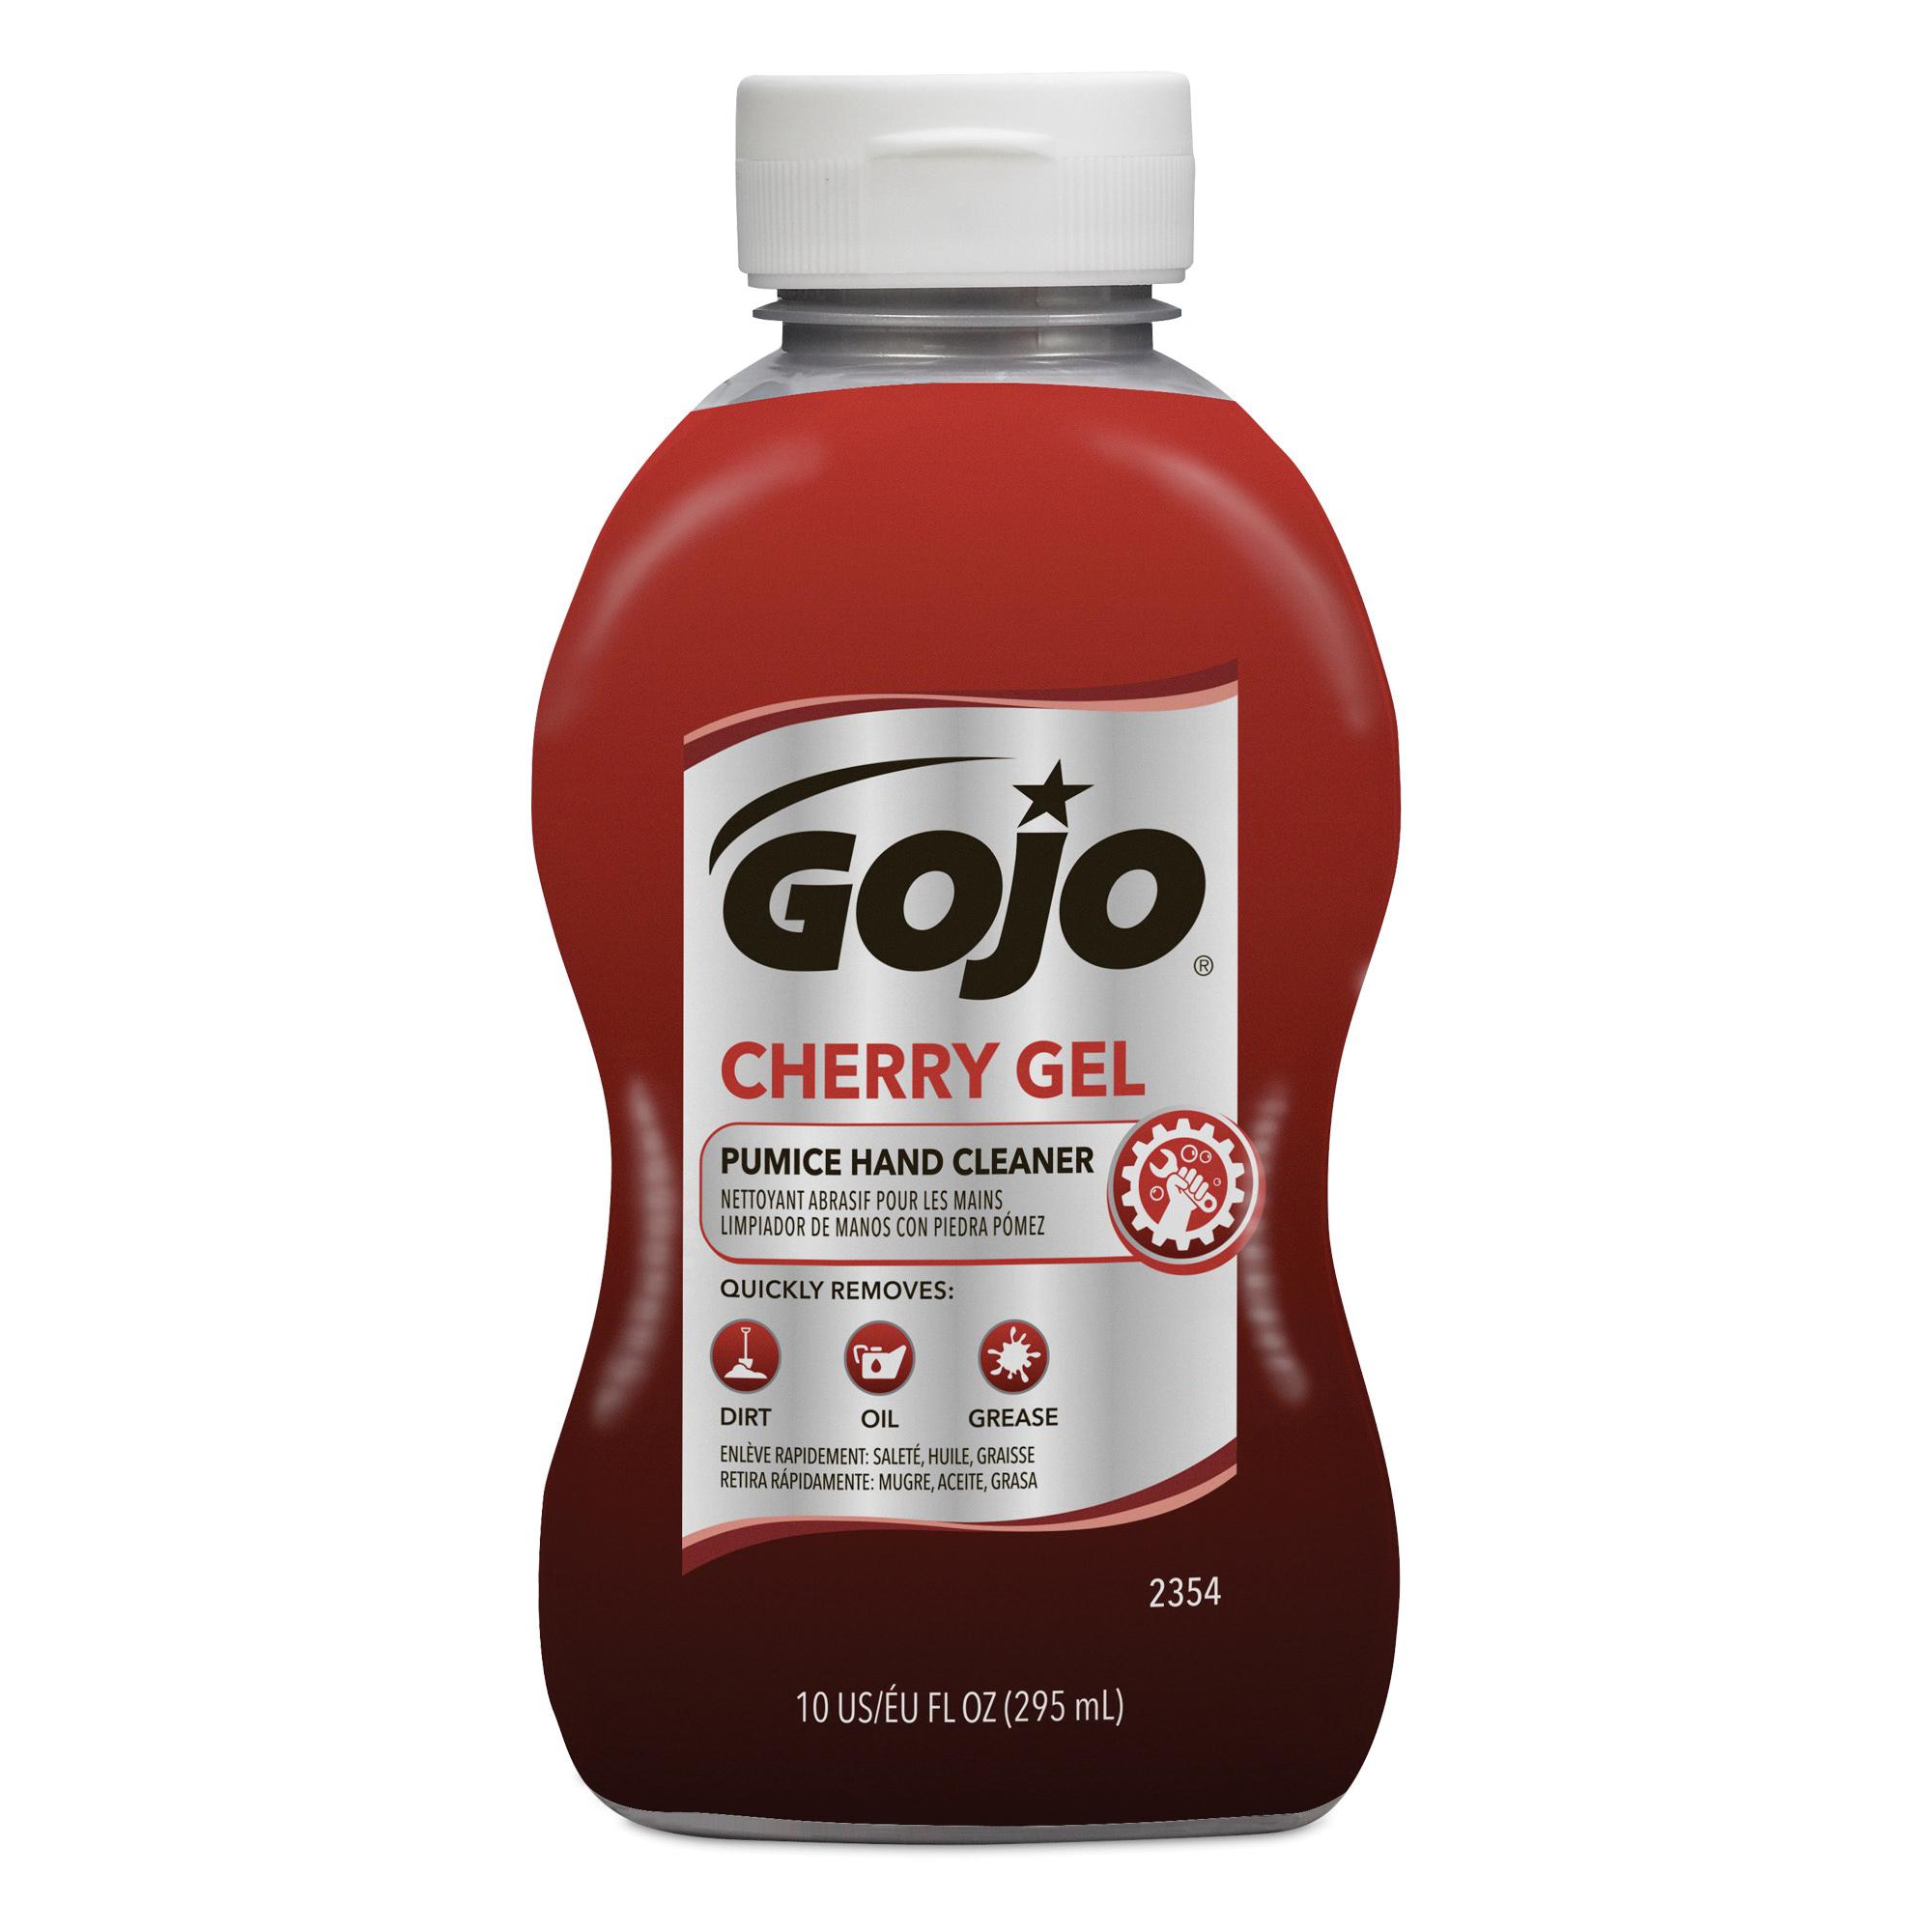 GOJO® 0958-04 NATURAL ORANGE™ Pumice Hand Cleaner, 1/2 gal Nominal, Bottle Package, Lotion Form, Citrus Odor/Scent, Orange